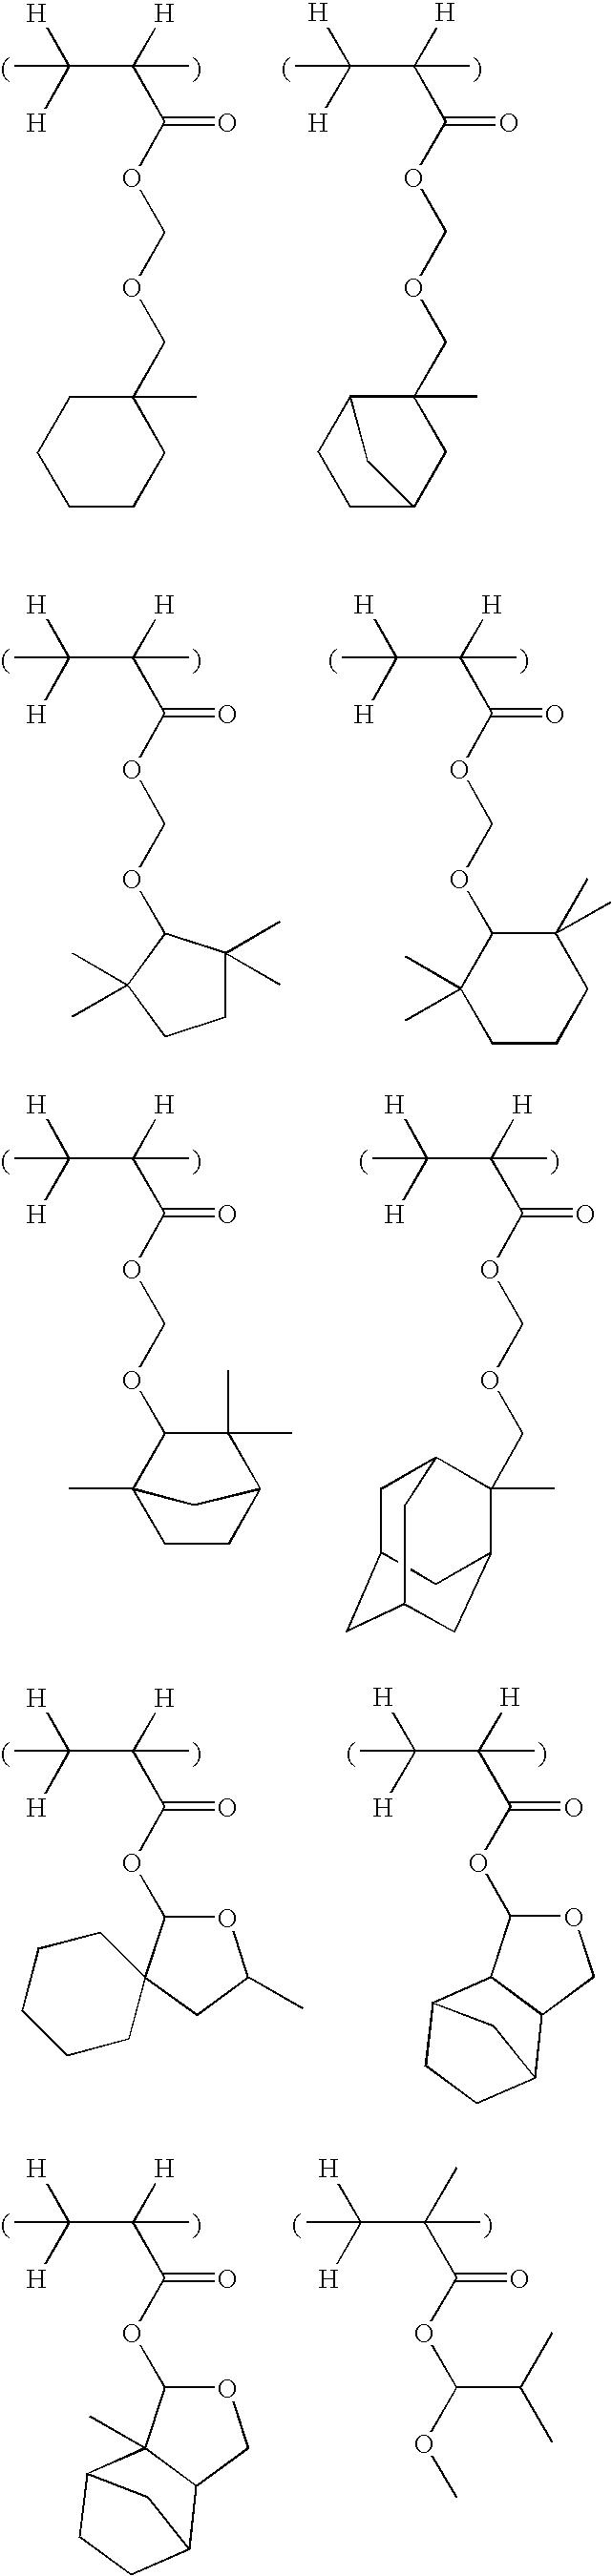 Figure US07569326-20090804-C00030